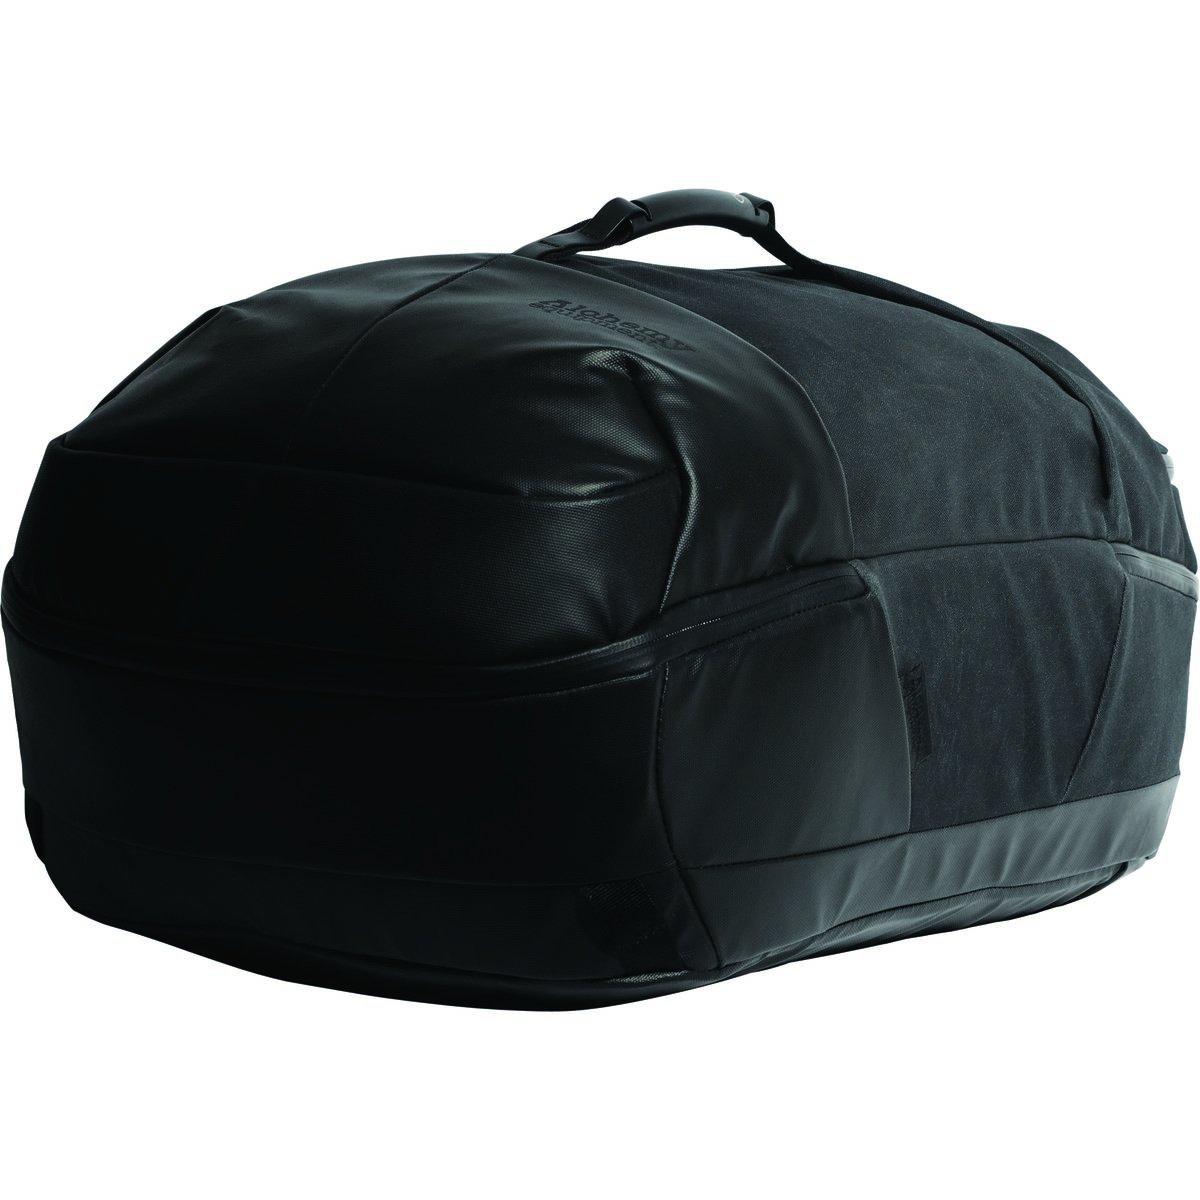 Alchemy Equipment Carry On Luggage B017T7O5Z2 Black Slub Weave 45L